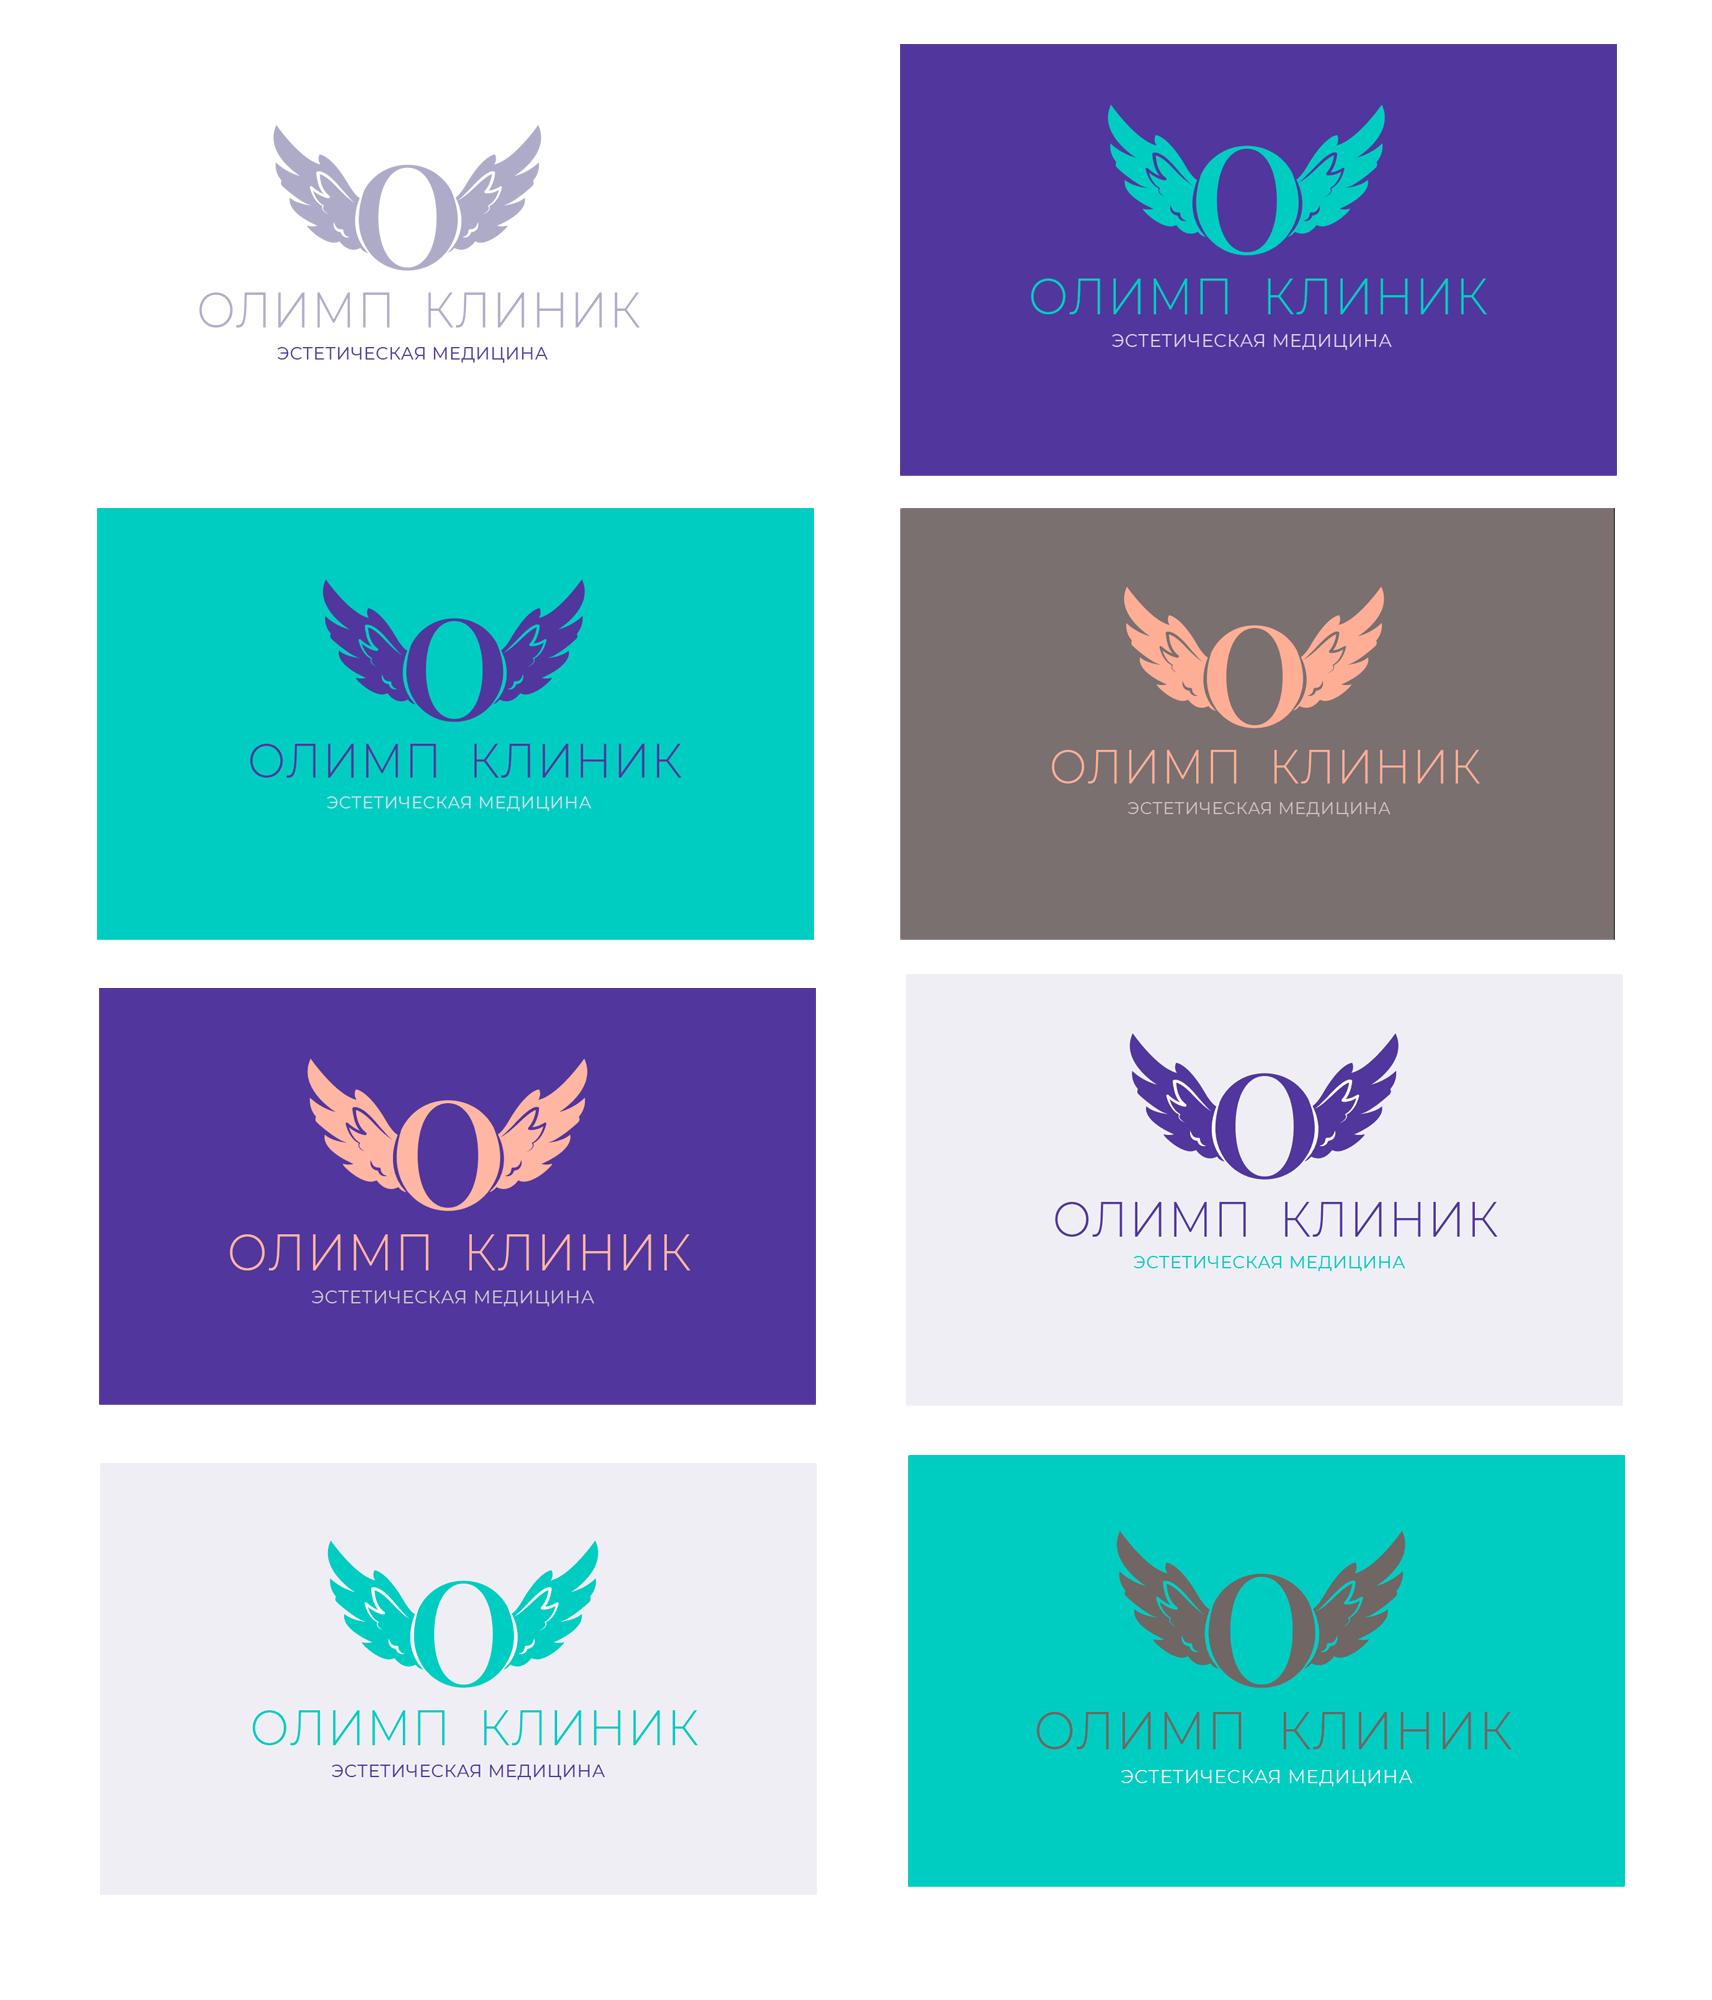 Разработка логотипа и впоследствии фирменного стиля фото f_7785f26f66878eb8.png